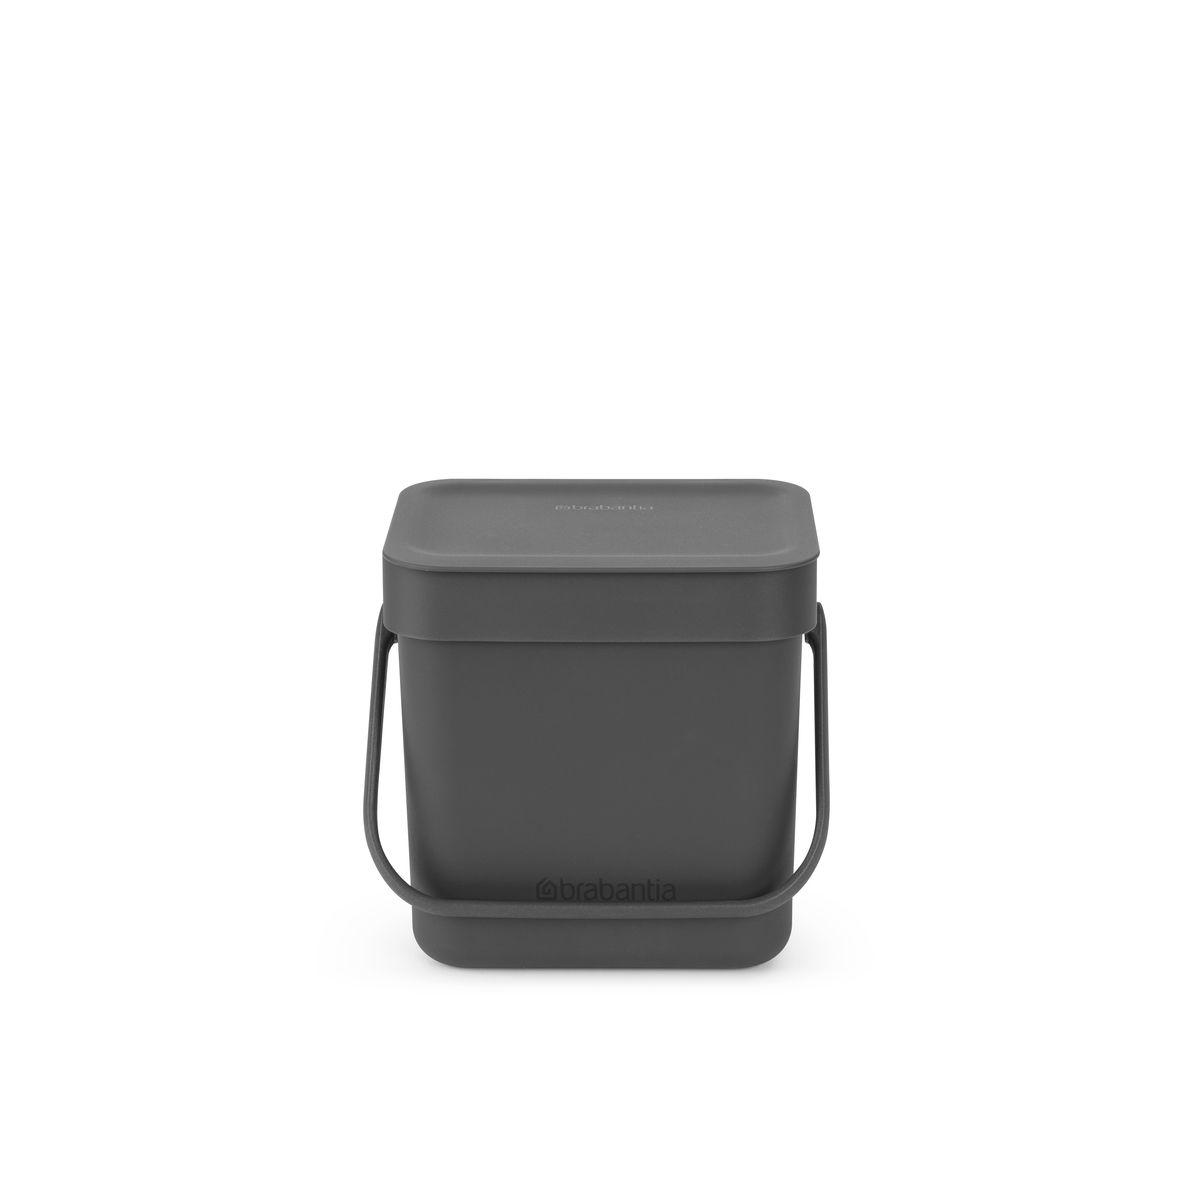 Poubelle Sort & Go grise 3l 13.9 x 18.8 x 17.4 cm - Brabantia